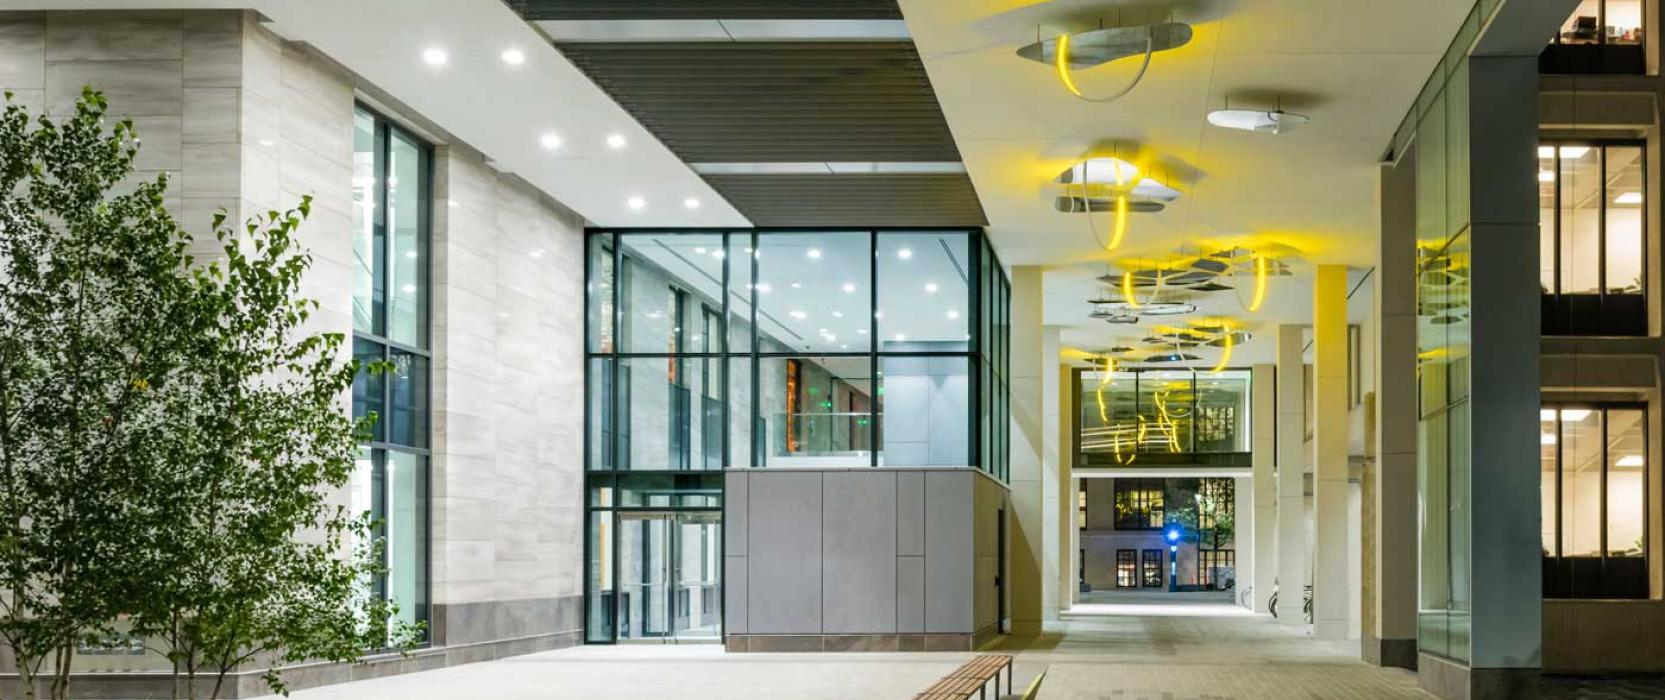 entryway to building